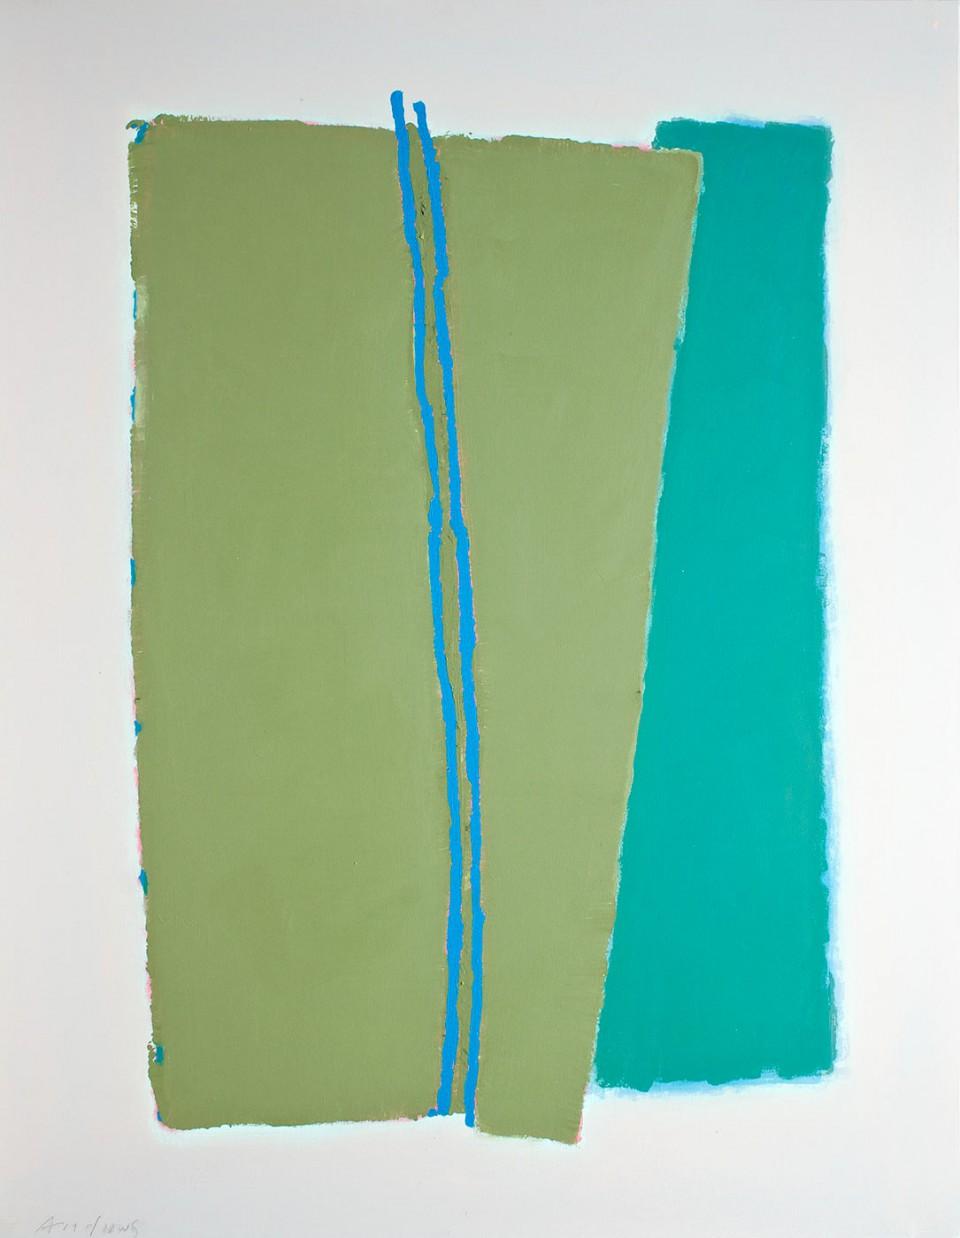 Cuadro 2 (2011) 146 x 114 cm.